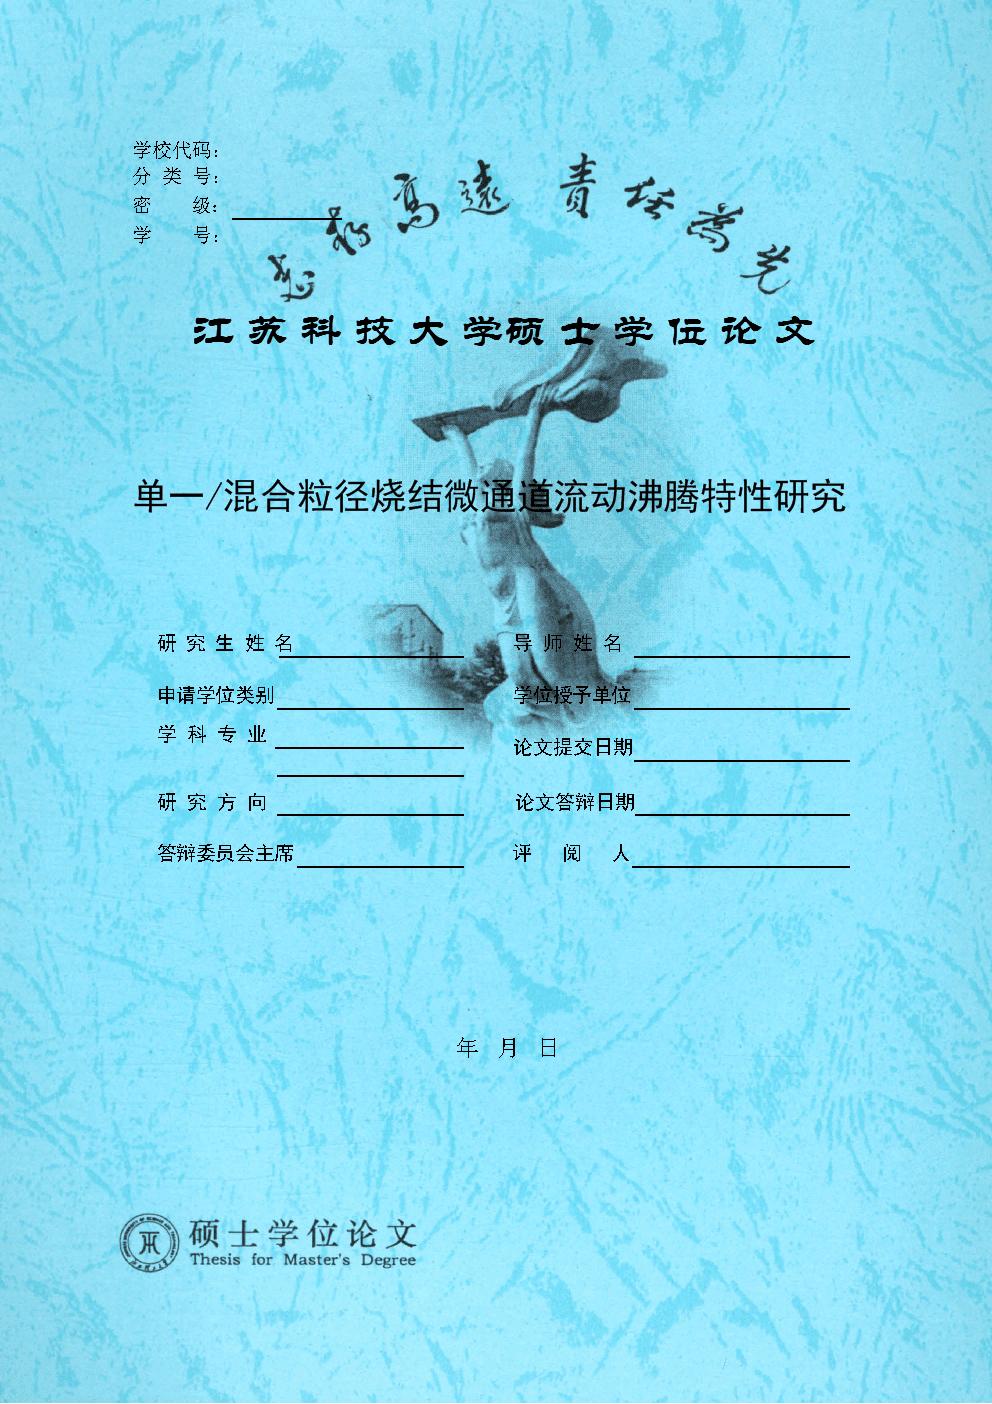 单一_混合粒径烧结微通道流动沸腾特性研究.doc